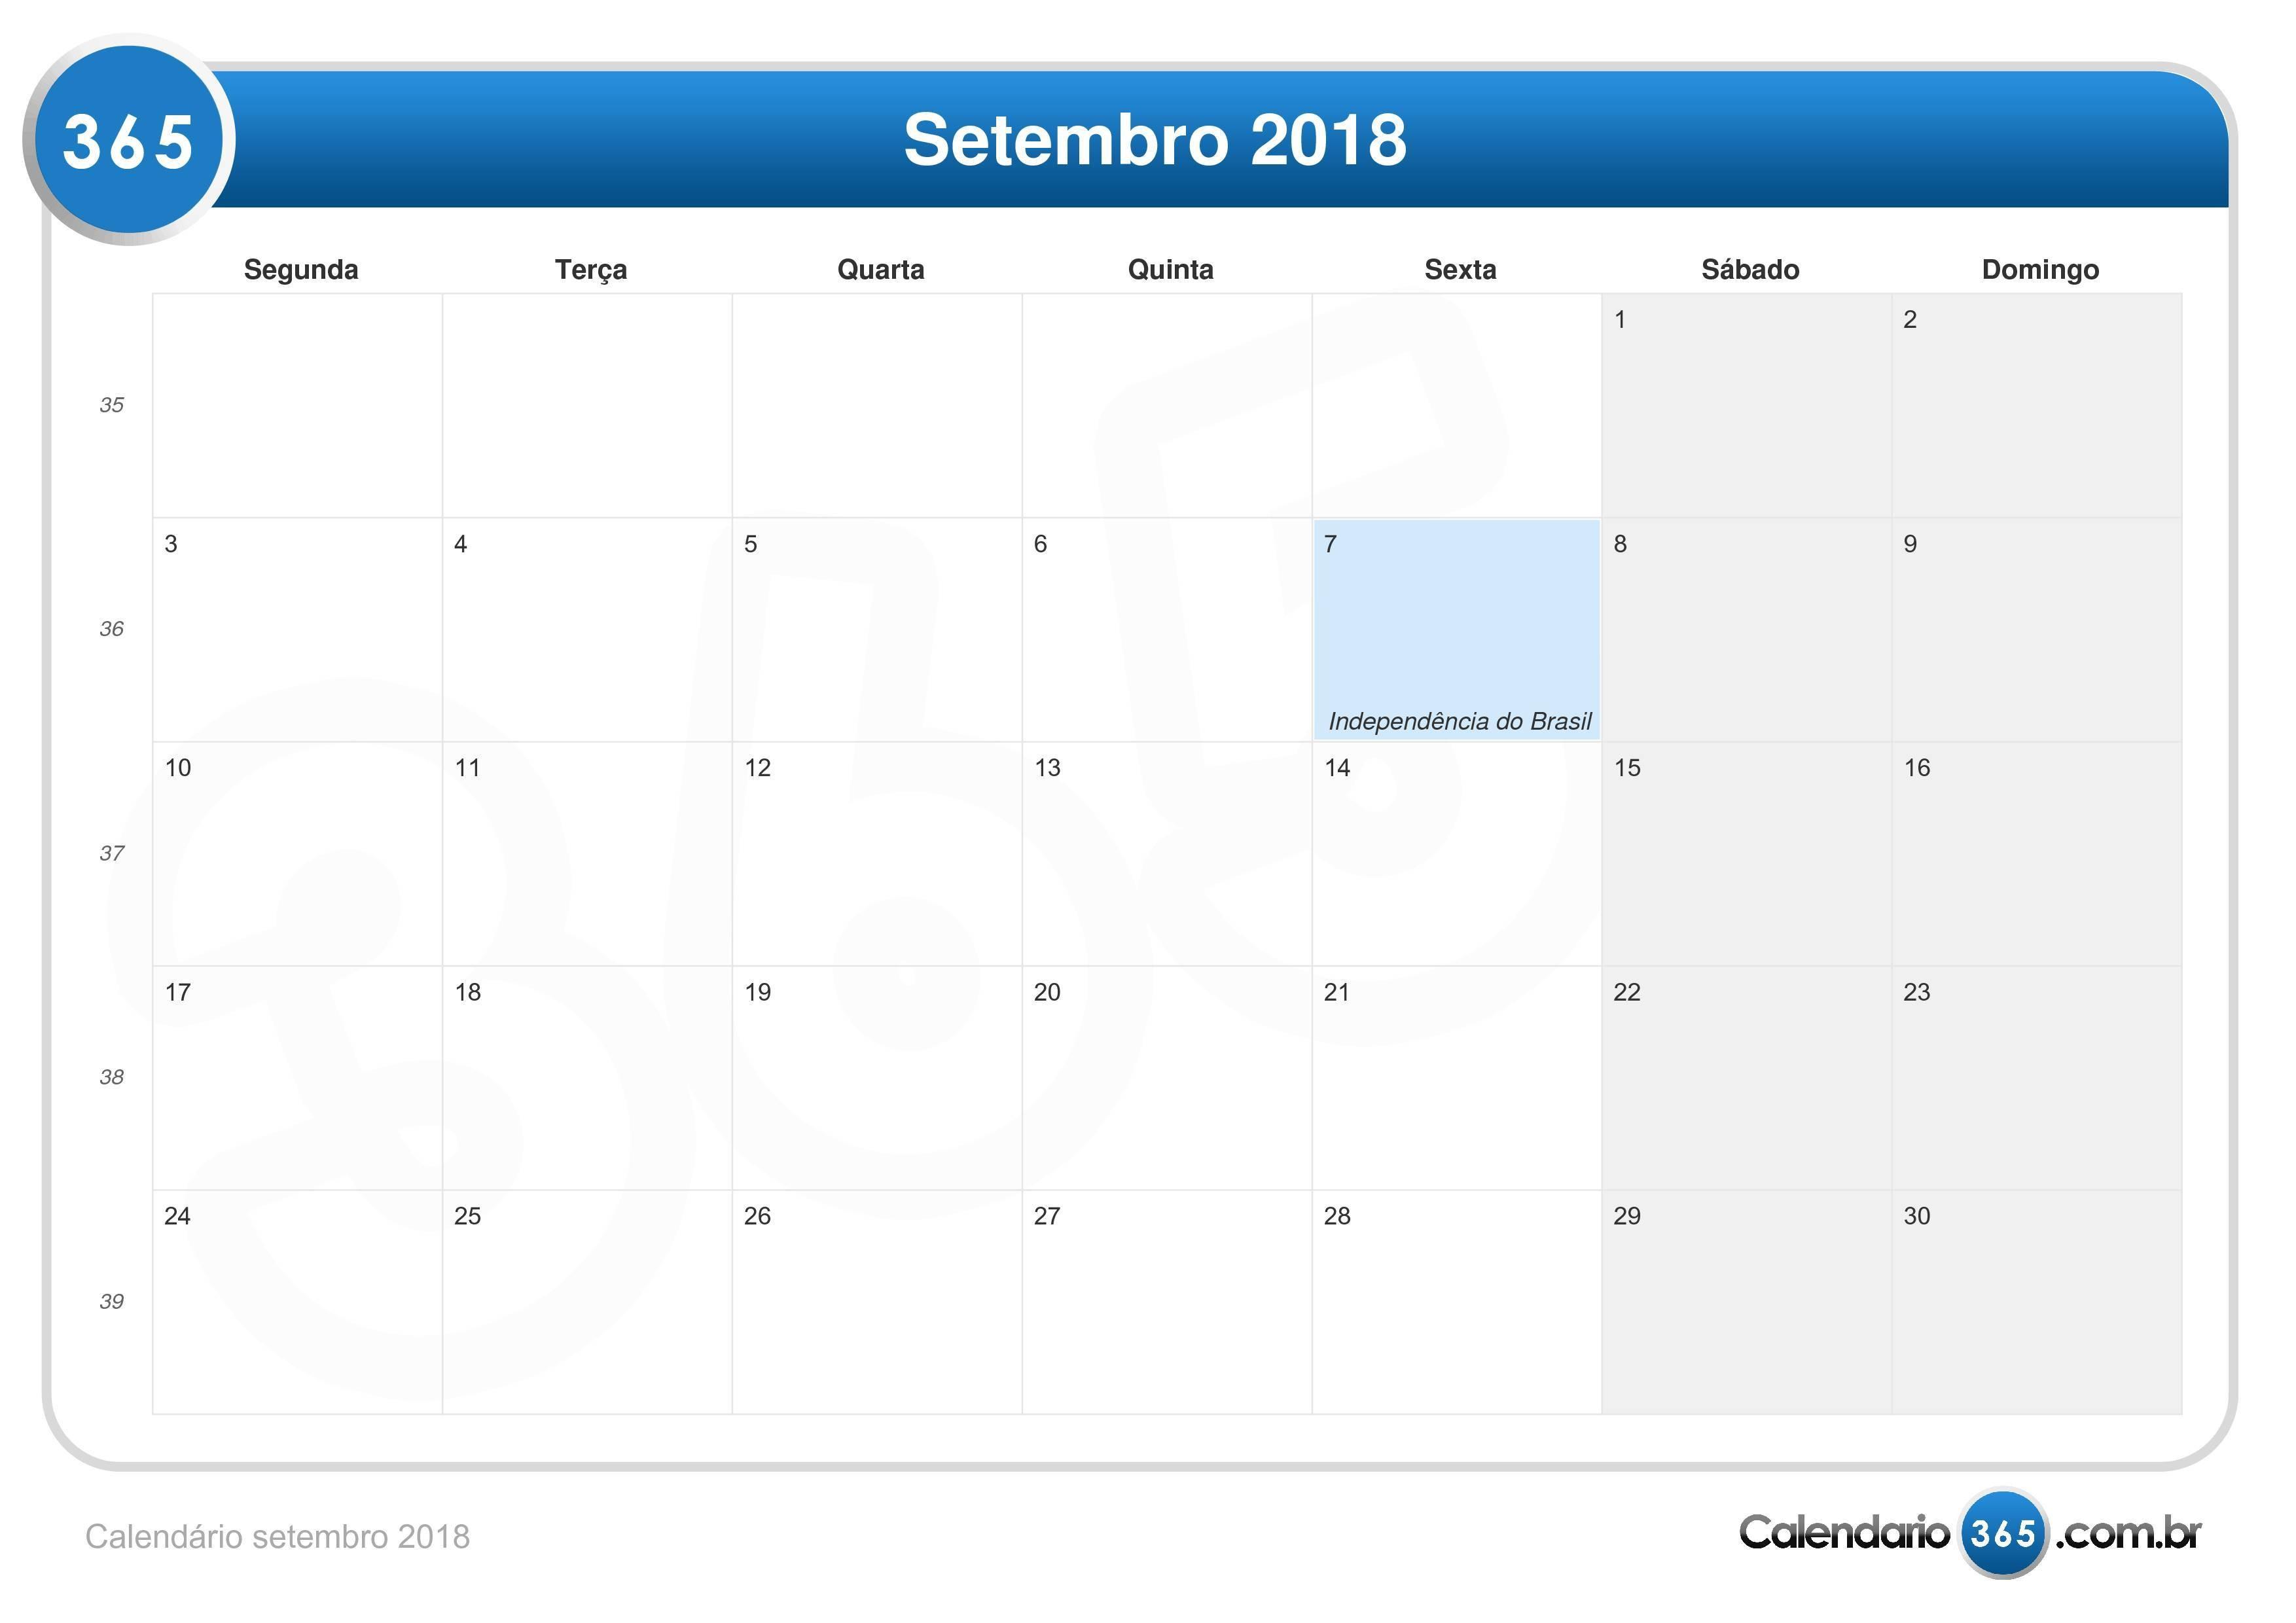 CALENDRIO NOVEMBRO 2017 FERIADOS PARA IMPRIMIR Calendário 2018 Portugal Excel para impress£o calendário setembro 2018